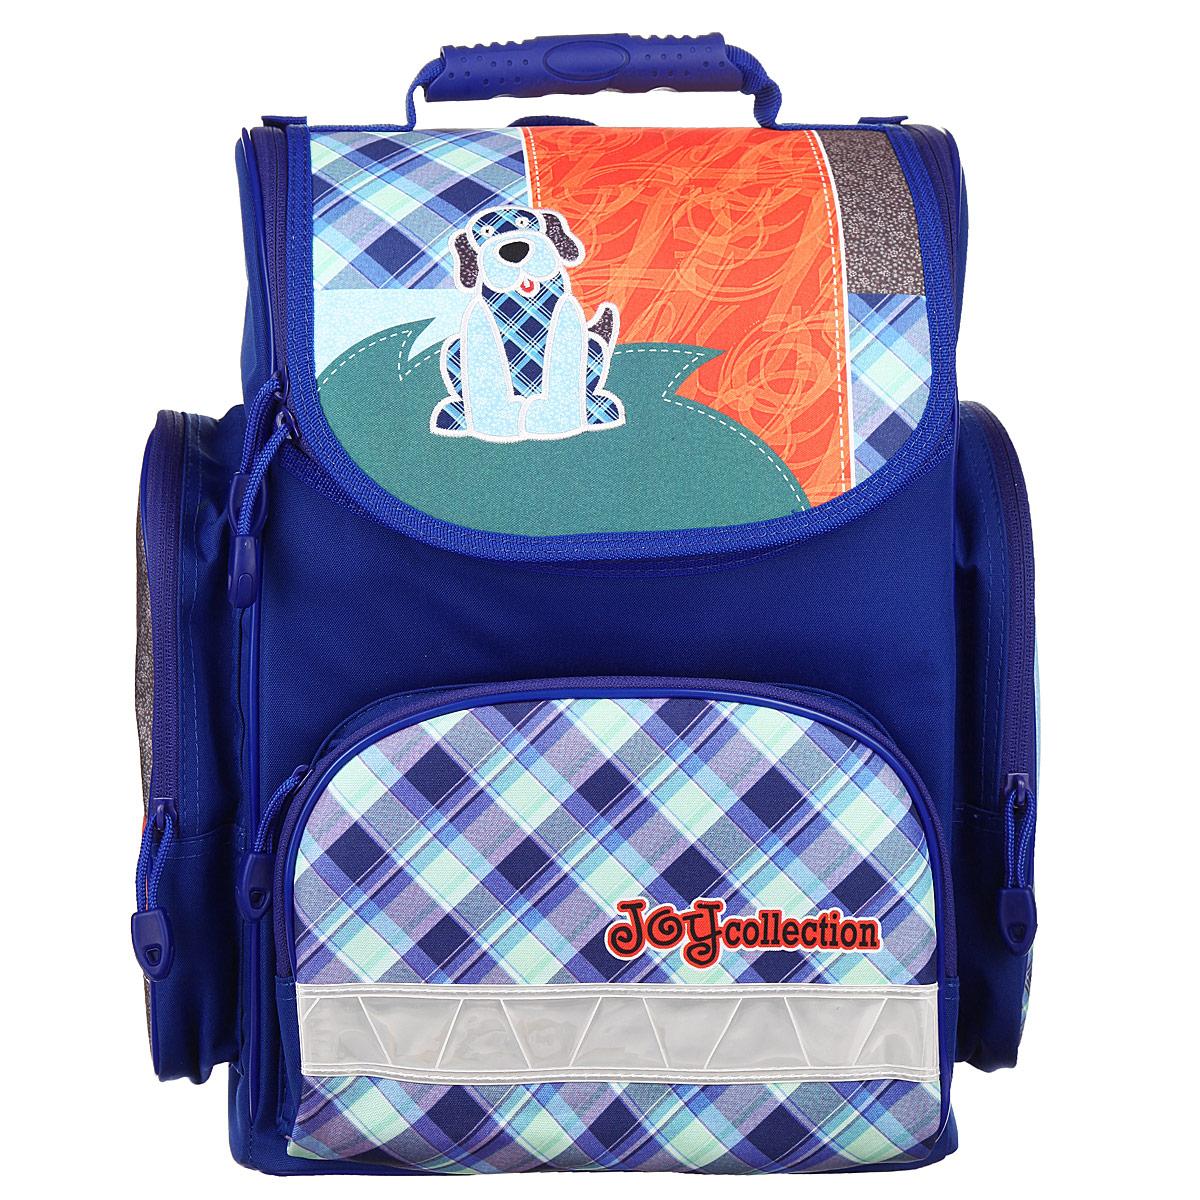 Ранец школьный Tiger Enterprise Joy Collection, цвет: синий, голубой, оранжевый3901/TG_синийРанец школьный Tiger Family Joy Collection идеально подойдет для школьников. Ранец выполнен из прочного и водонепроницаемого материала синего, голубого и оранжевого цветов. Изделие оформлено изображением в виде забавной собачки. Содержит одно вместительное отделение, закрывающееся на застежку-молнию с двумя бегунками. Внутри отделения имеются две мягких перегородки для тетрадей или учебников. Крышка полностью откидывается, что существенно облегчает пользование ранцем. На внутренней части крышки находится прозрачный пластиковый кармашек, в который можно поместить данные о владельце ранца. Ранец имеет два боковых накладных кармана на молнии. Лицевая сторона ранца оснащена накладным карманом на застежке-молнии. Спинка ранца достаточно твердая. В нижней части спины расположен поясничный упор - небольшой валик, на который при правильном ношении ранца будет приходиться основная нагрузка. Ранец оснащен ручкой с пластиковой насадкой для удобной переноски в руке и петлей для...